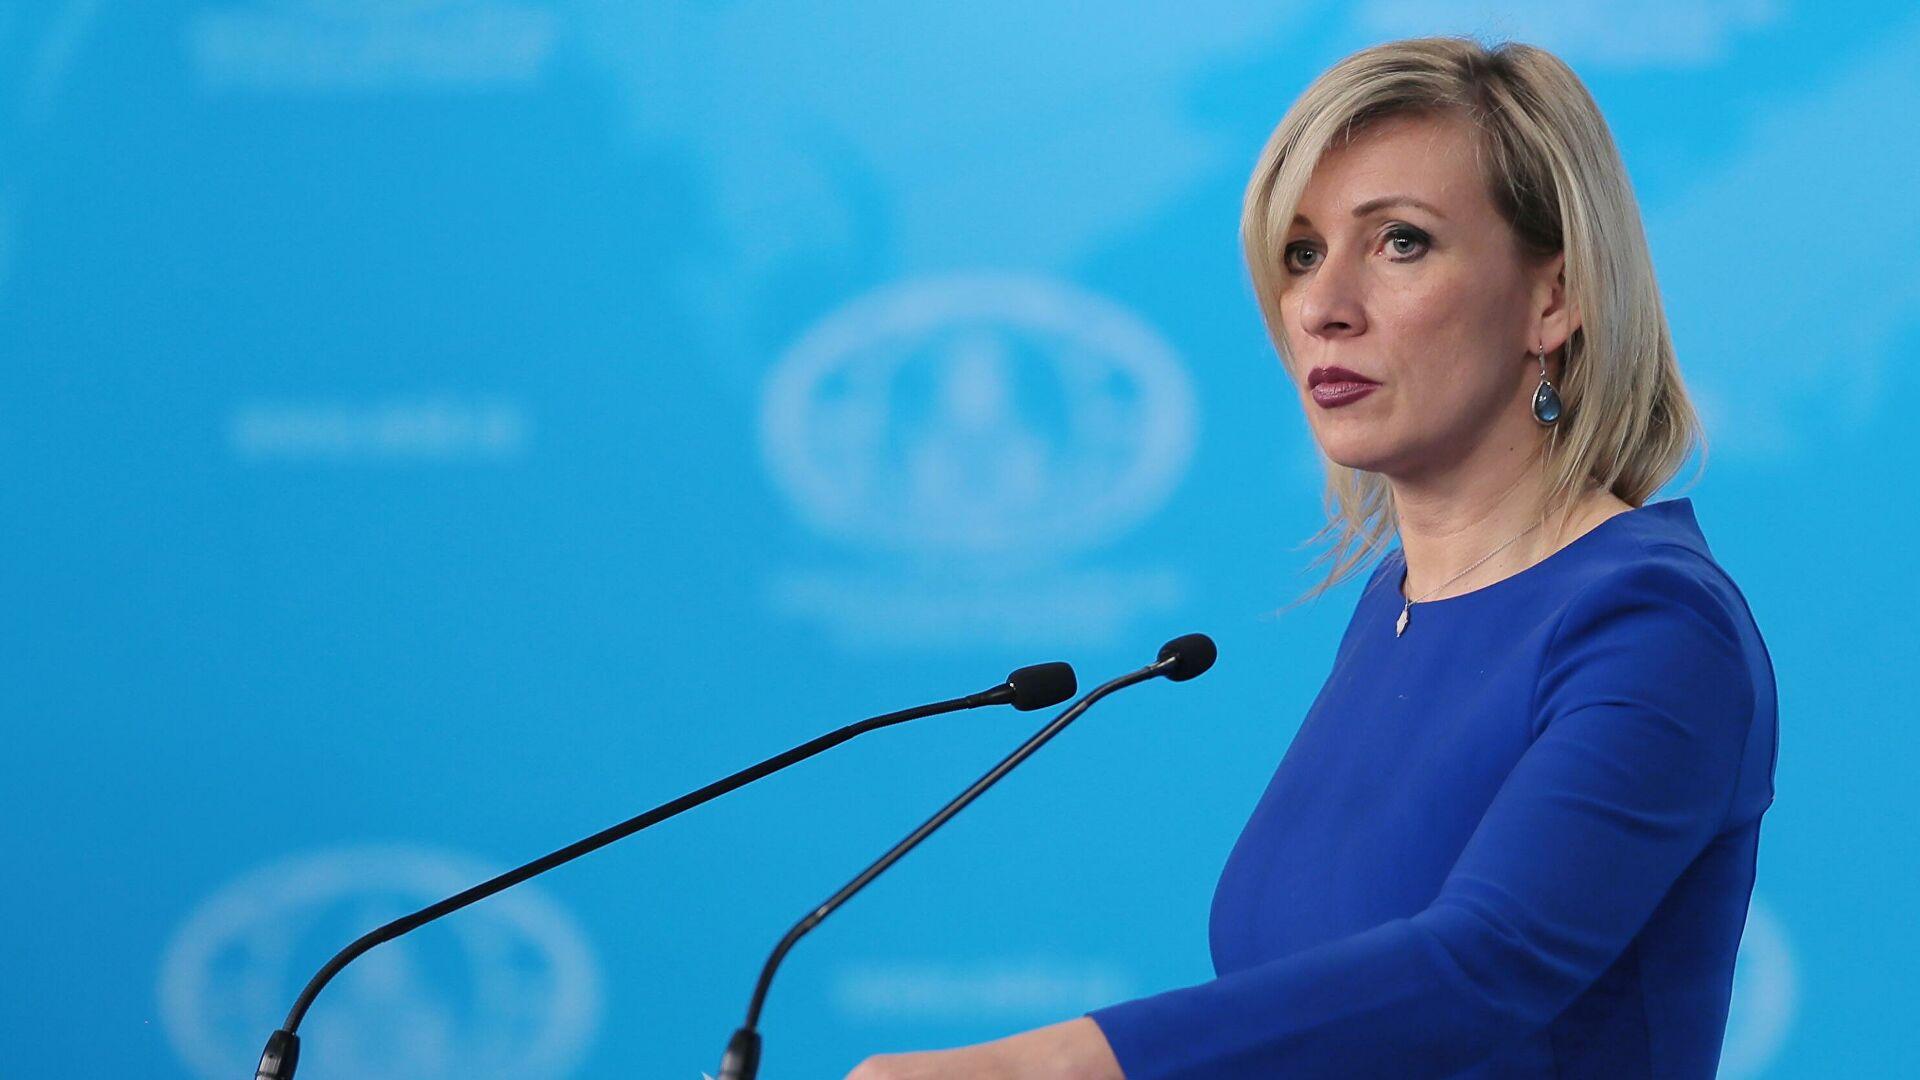 Захарова: Земље НАТО-а исхитрено одбациле предлог председника Владимира Путина о ракетама средњег и кратког домета